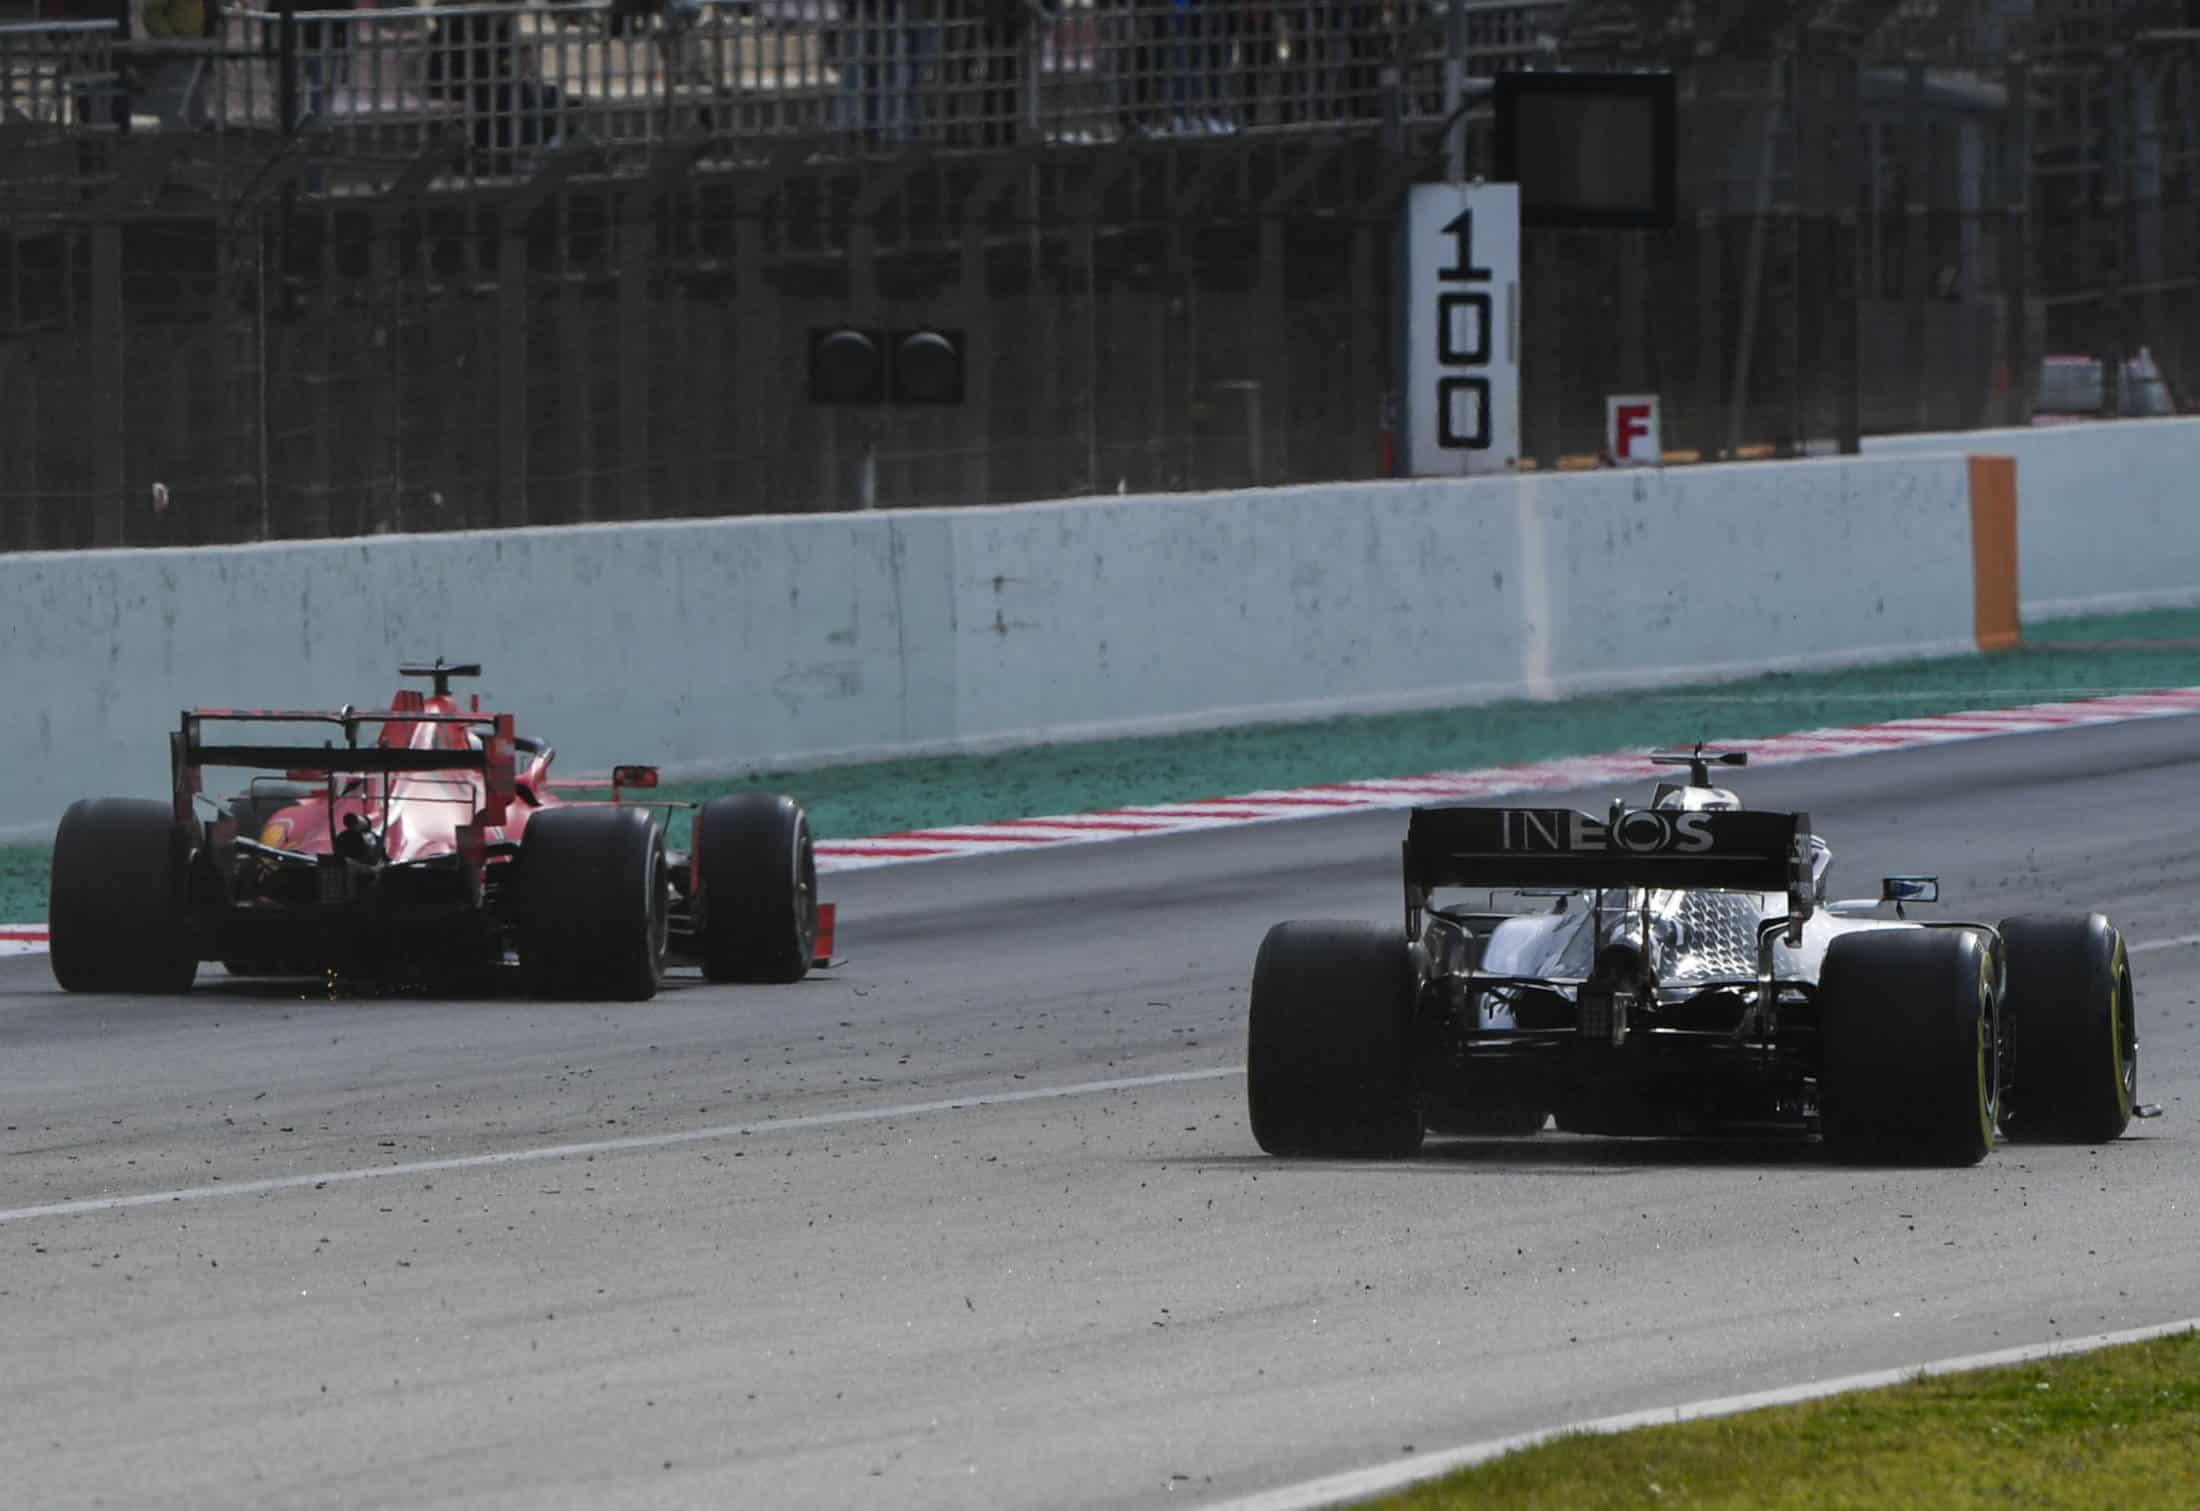 Ferrari vs Mercedes drag race F1 2020 Test 2 Day 3 Barcelona main straight Photo Pirelli